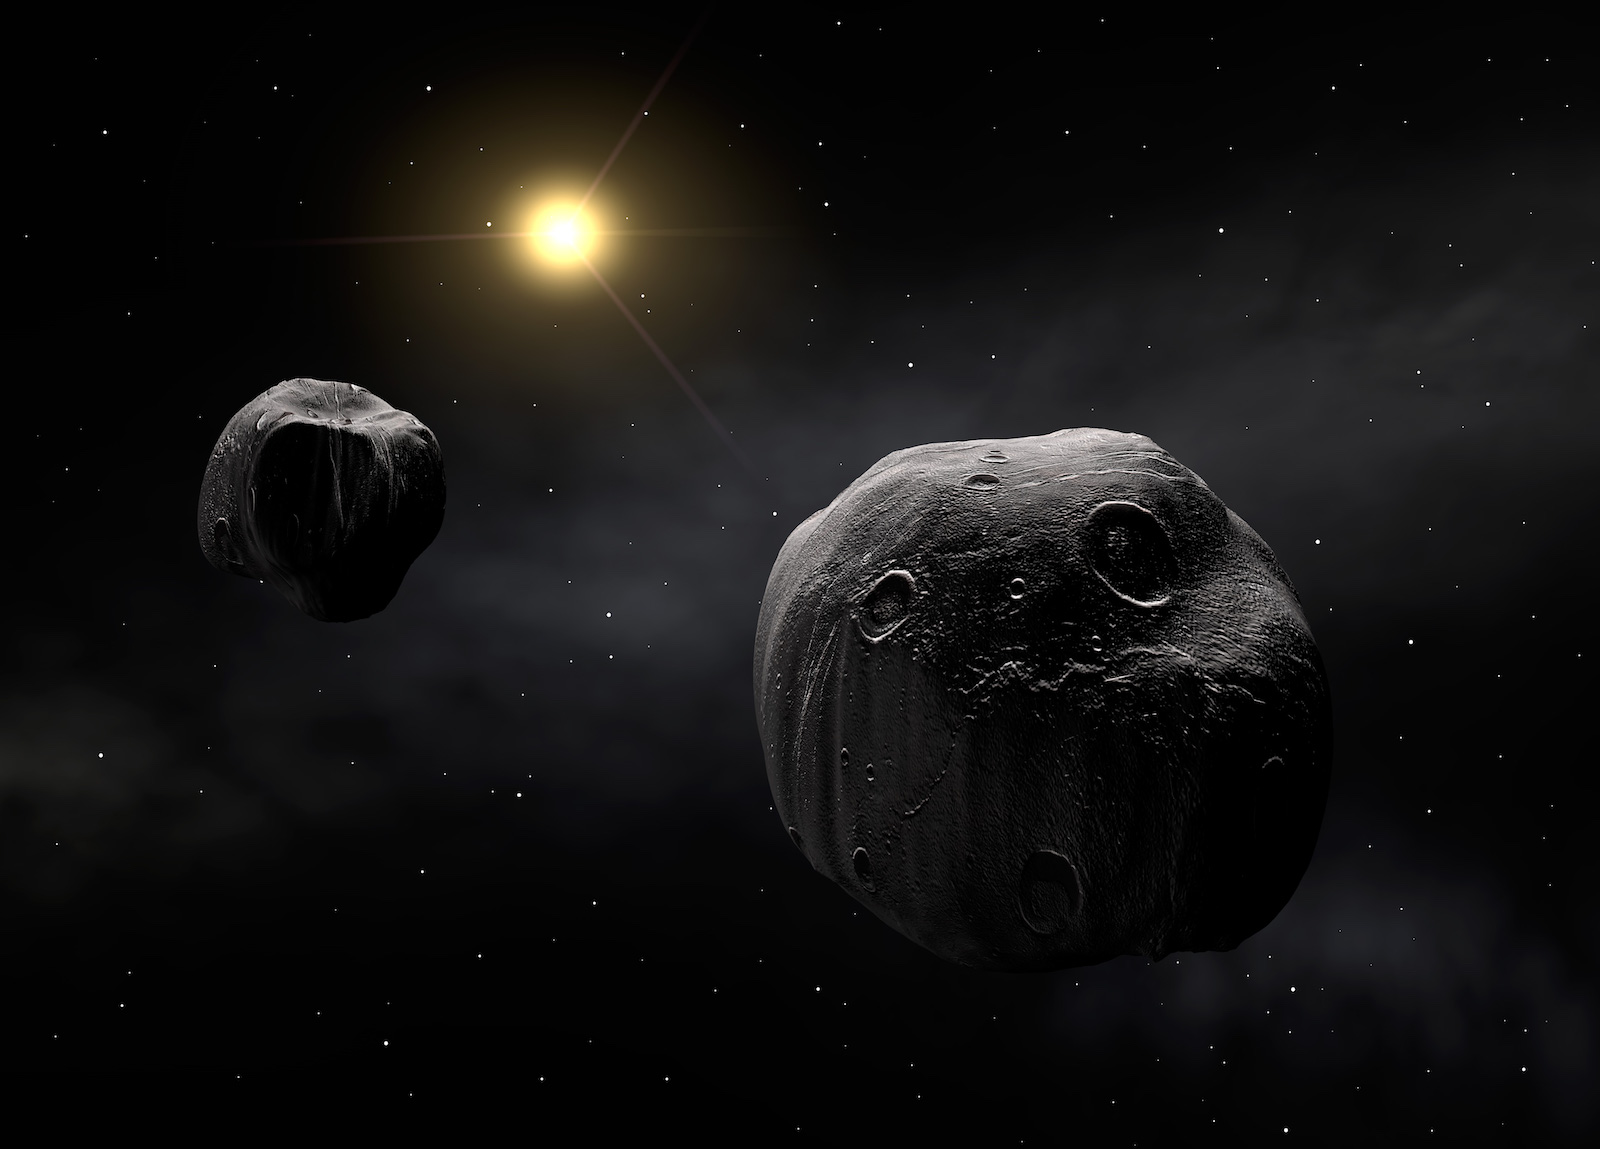 L'astéroïde double Antiope (vue d'artiste). Crédit : ESO